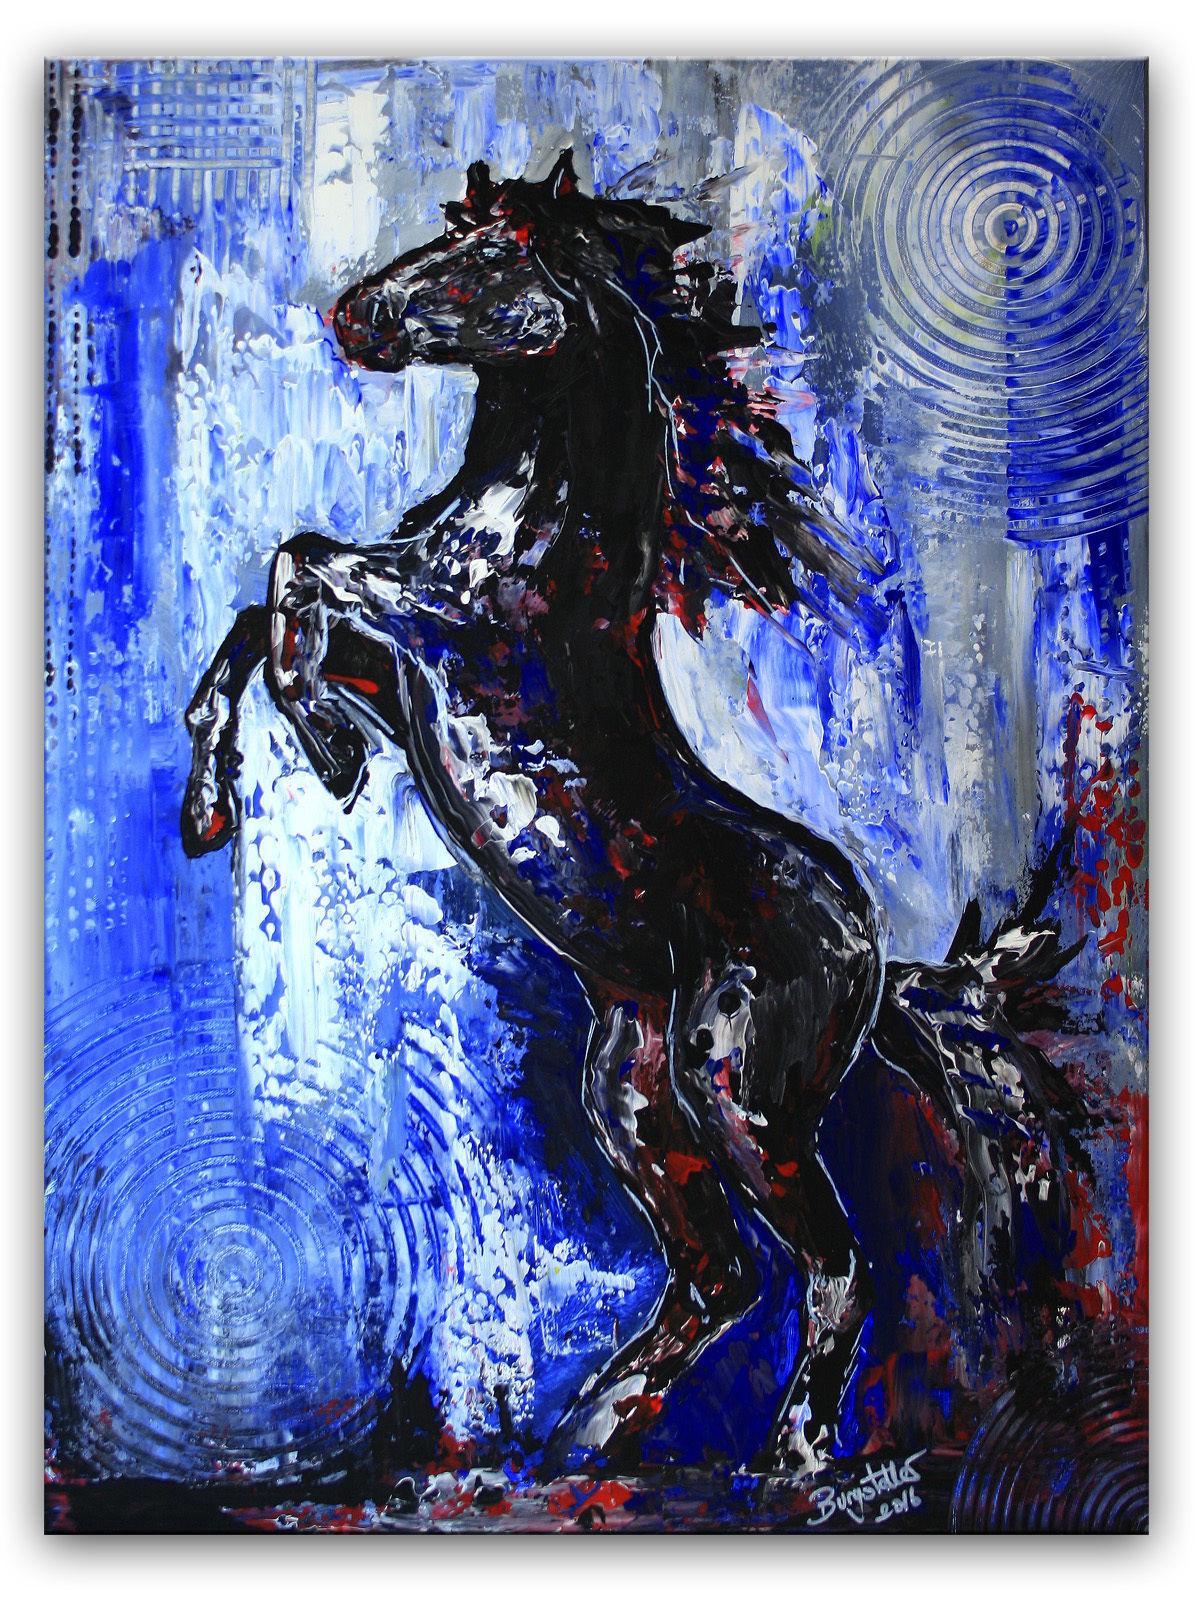 bild pferd tiere malerei abstrakt von alex b bei kunstnet. Black Bedroom Furniture Sets. Home Design Ideas